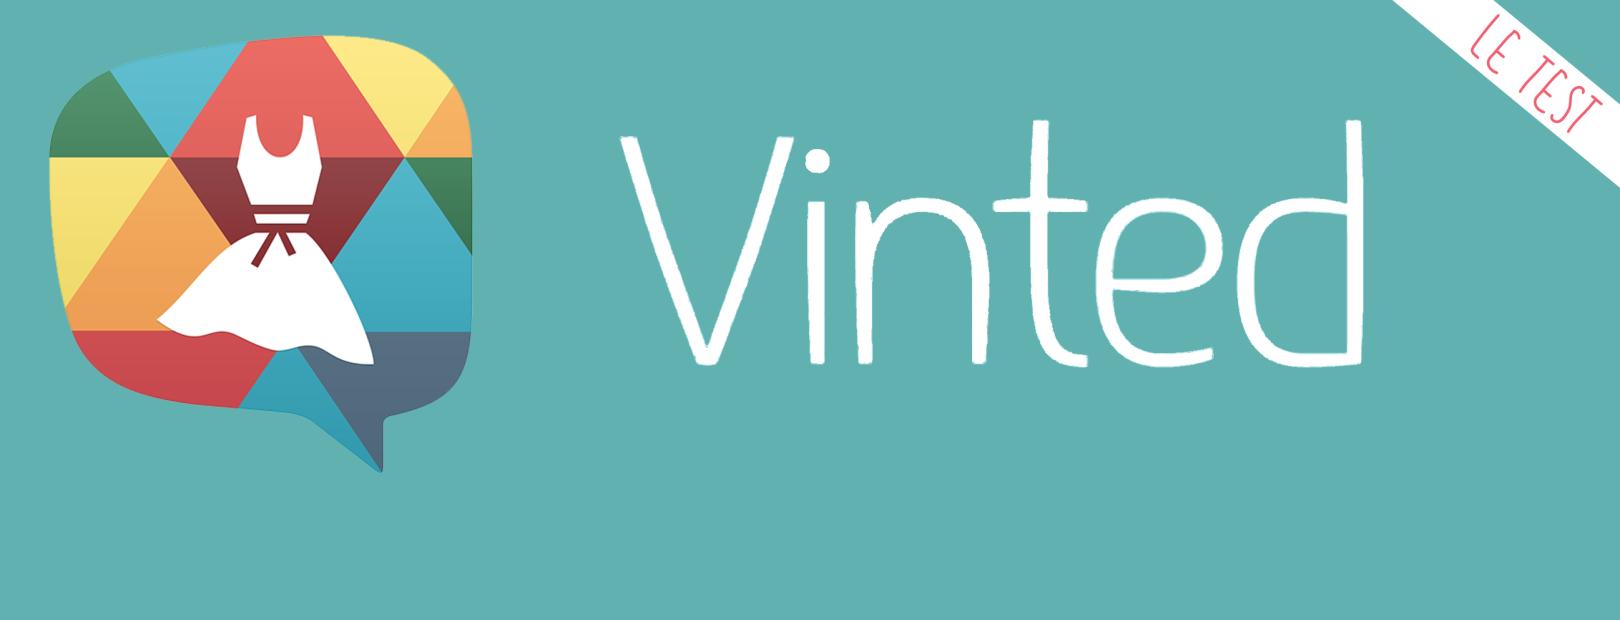 texture nette profiter du meilleur prix couleurs et frappant J'ai testé : Vinted.fr – Loïcia Itréma